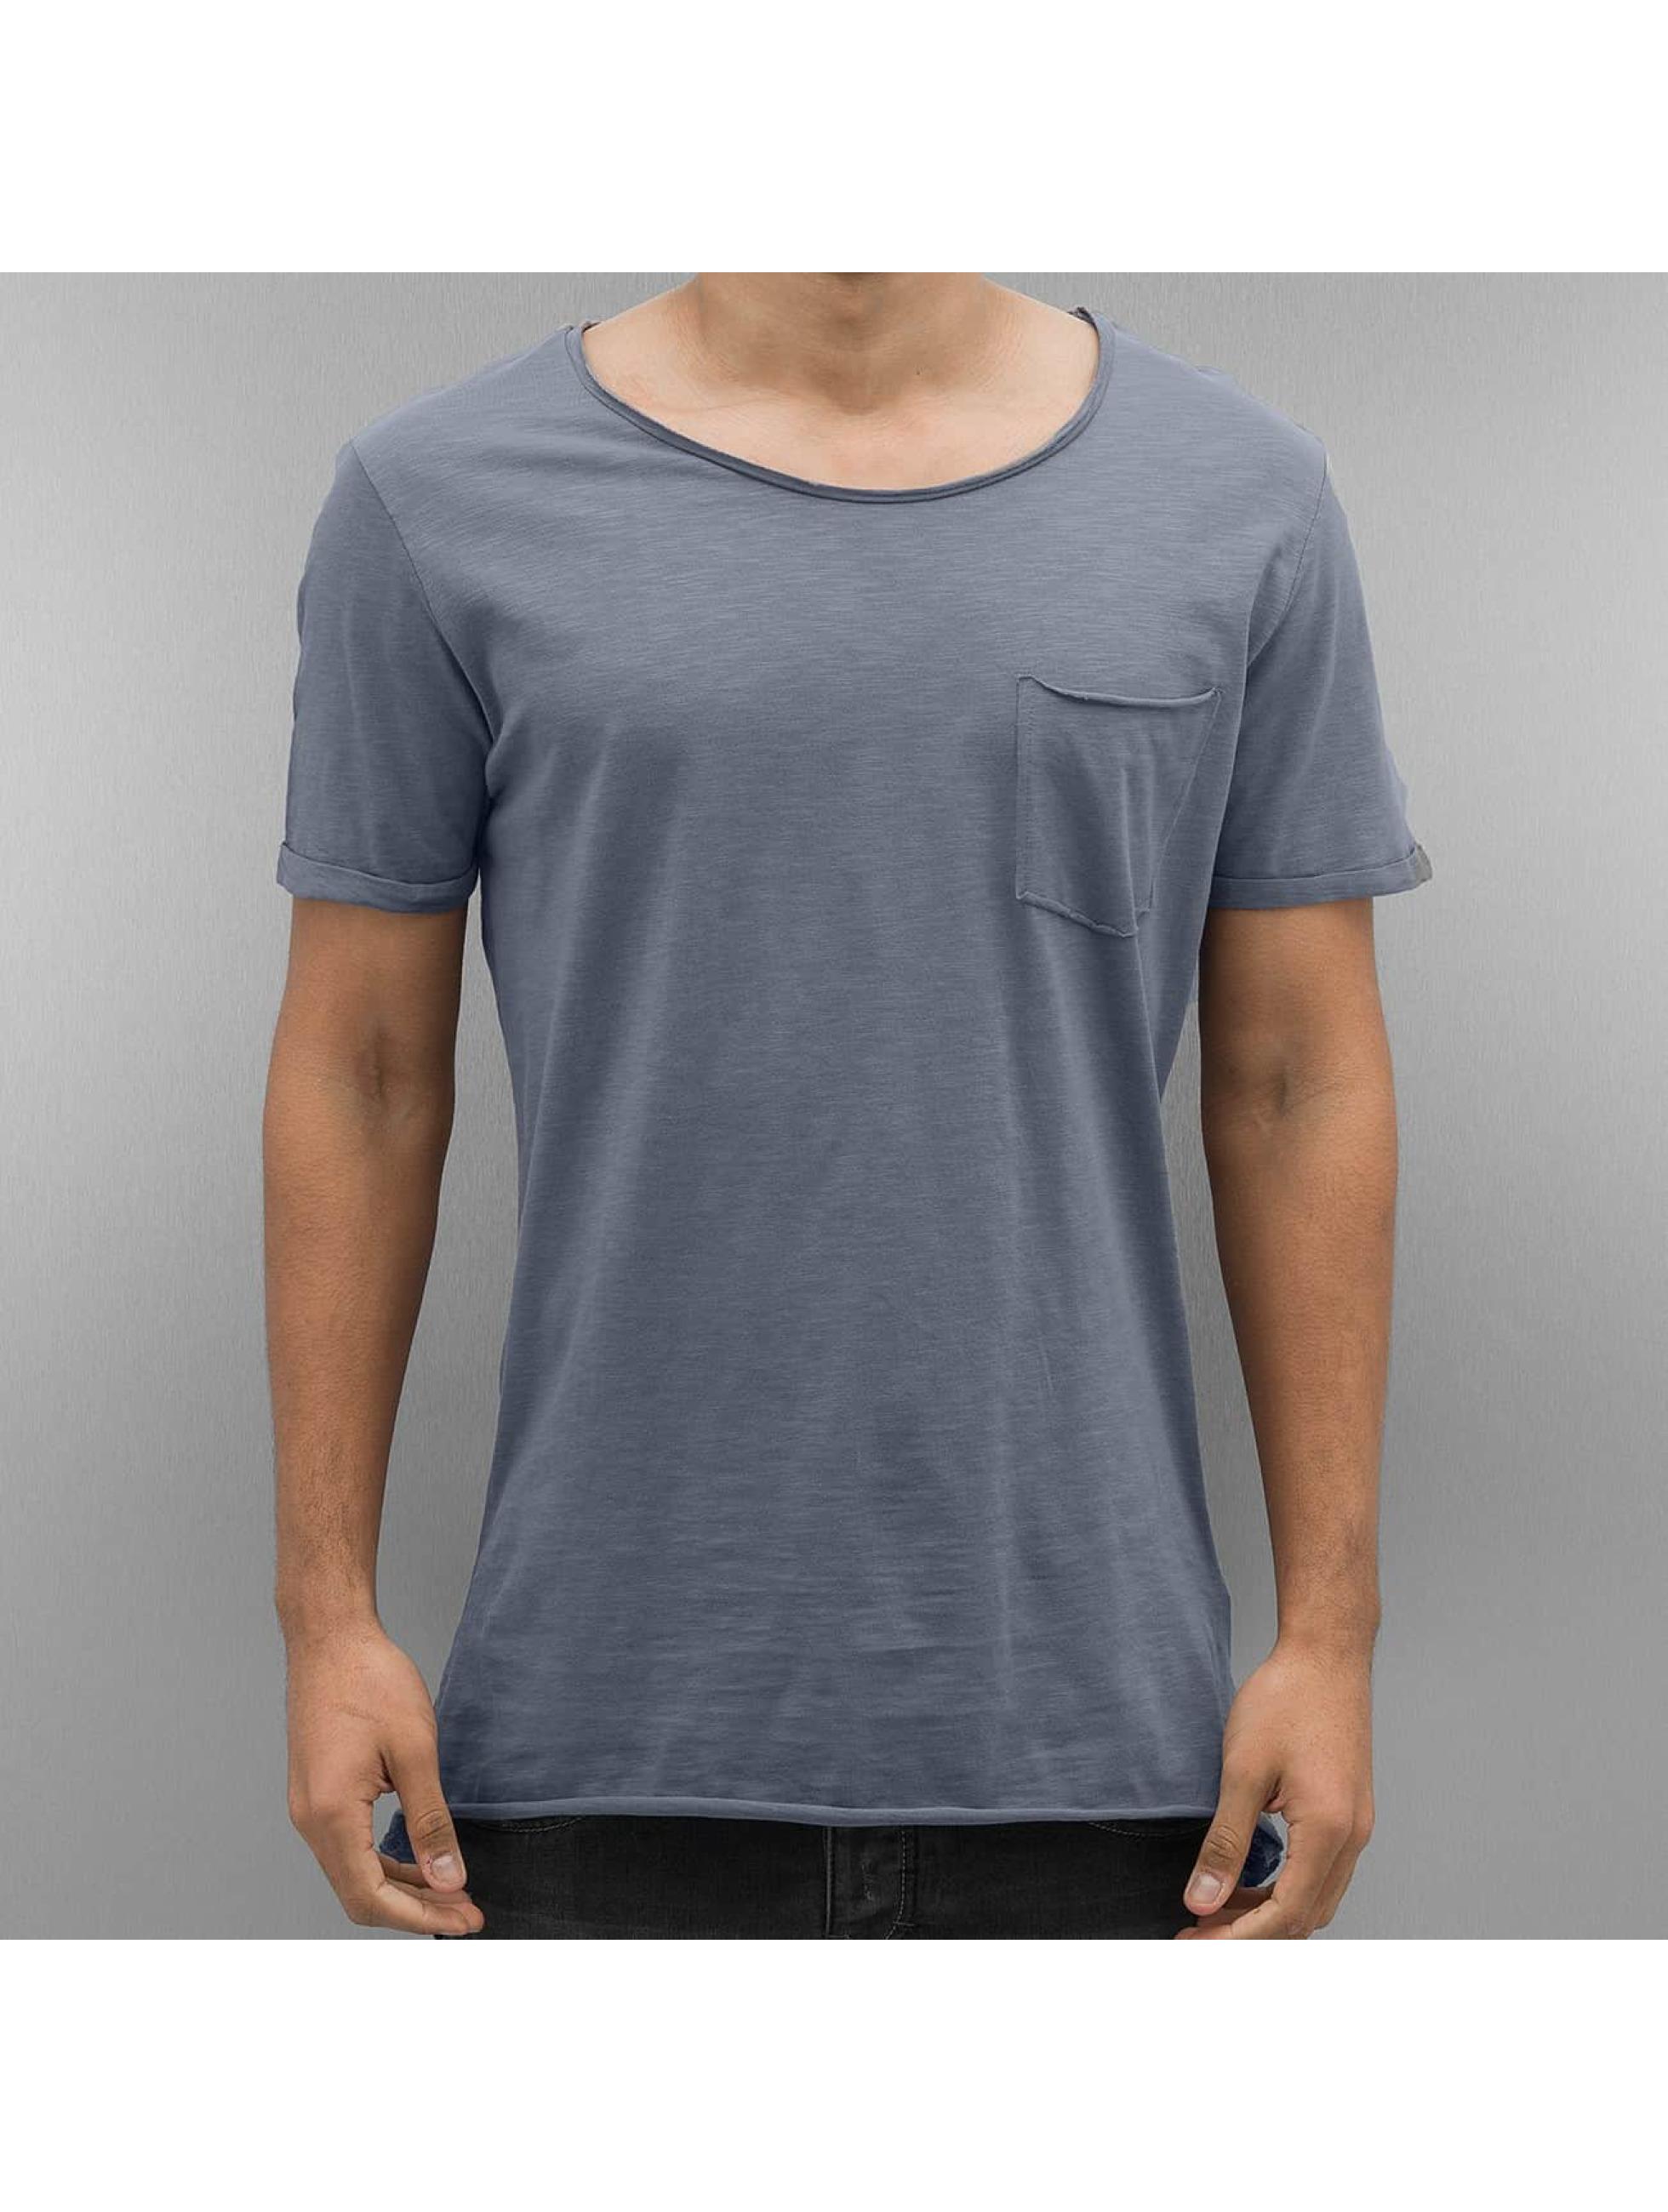 2Y T-Shirt Wilmington grau